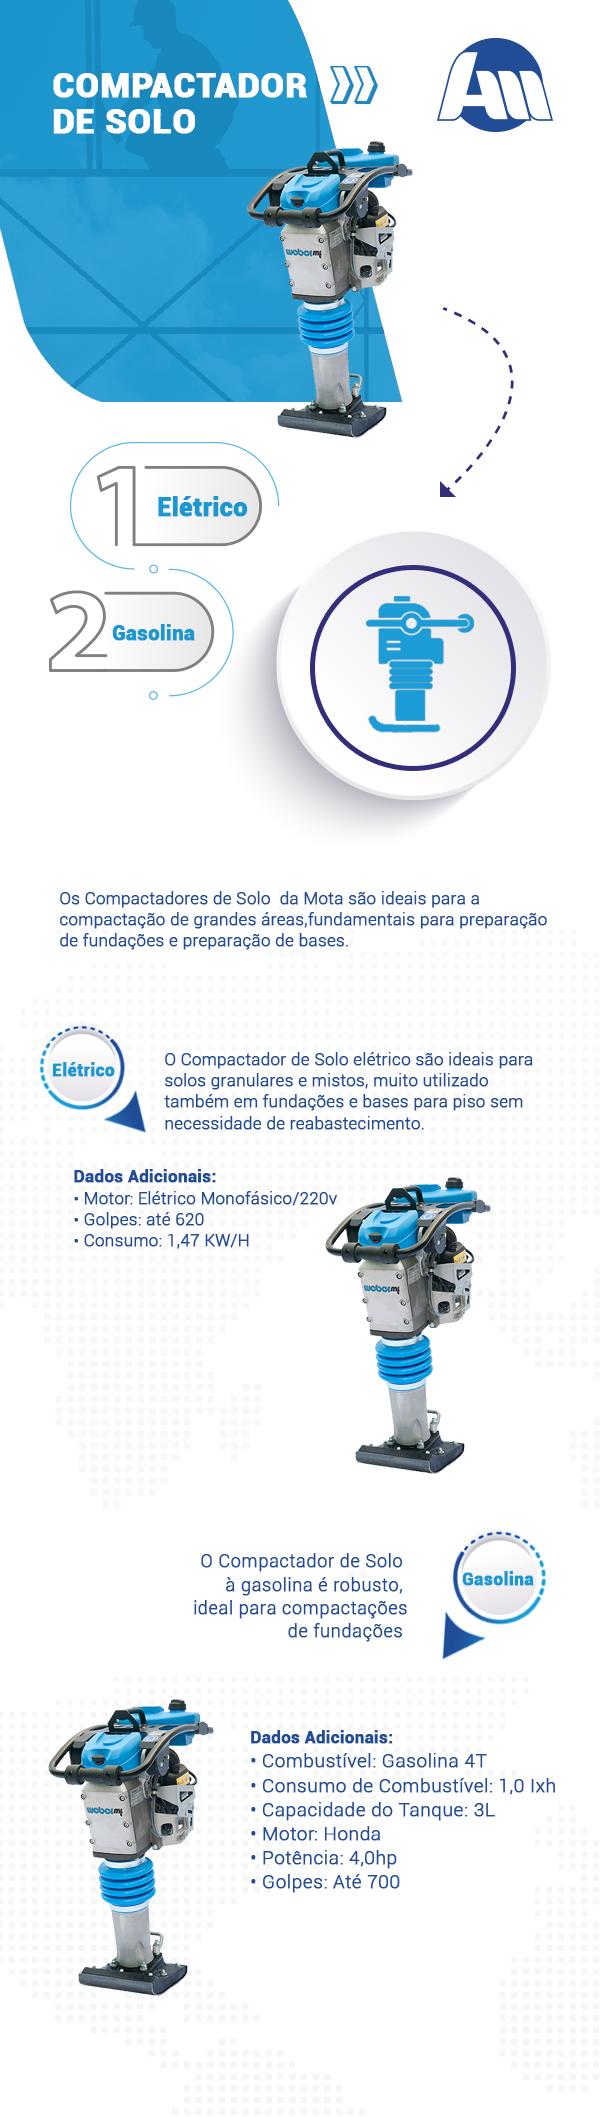 Compactador.png